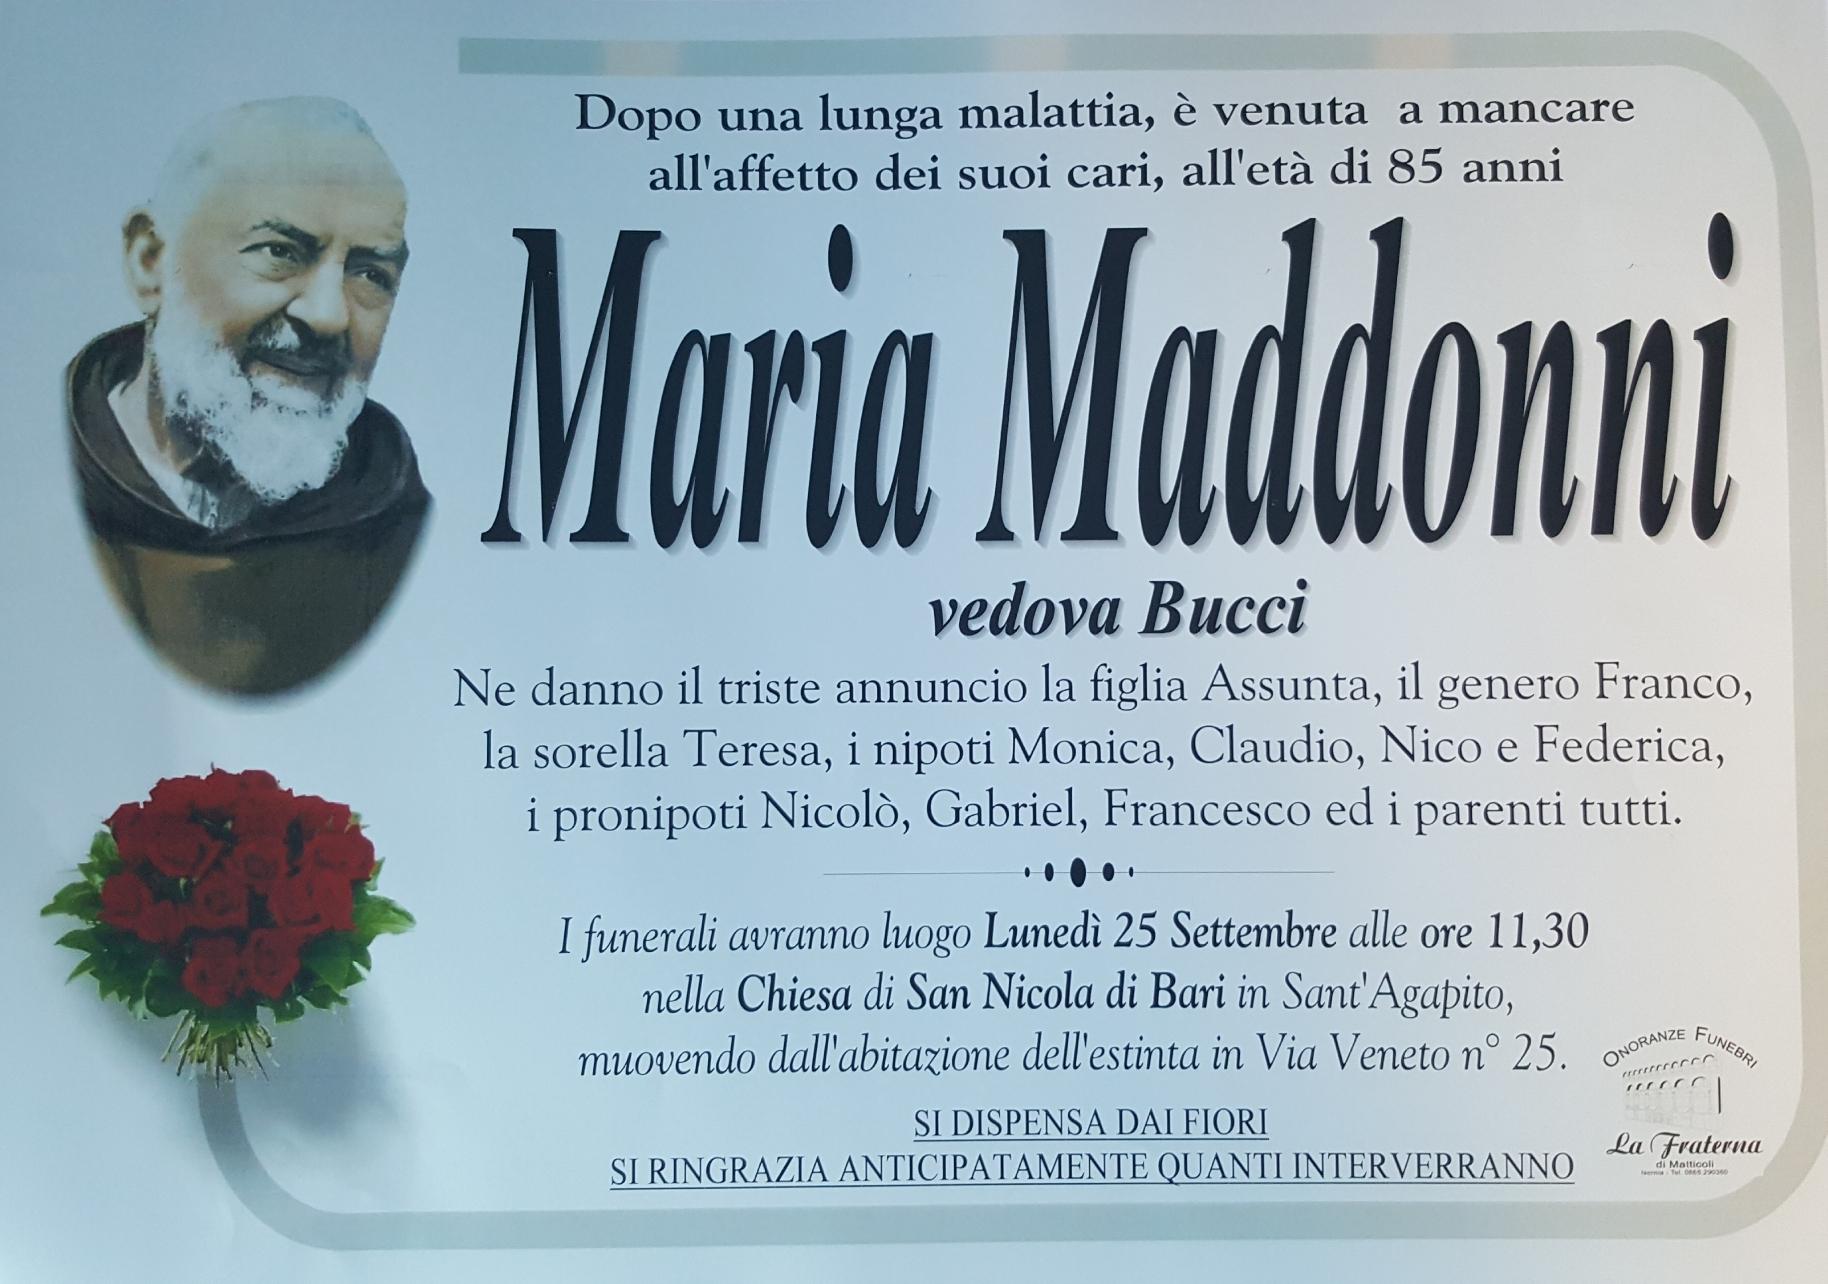 Maria Maddonni, 24/09/2017, Sant'Agapito (IS) – Onoranze Funebri La Fraterna